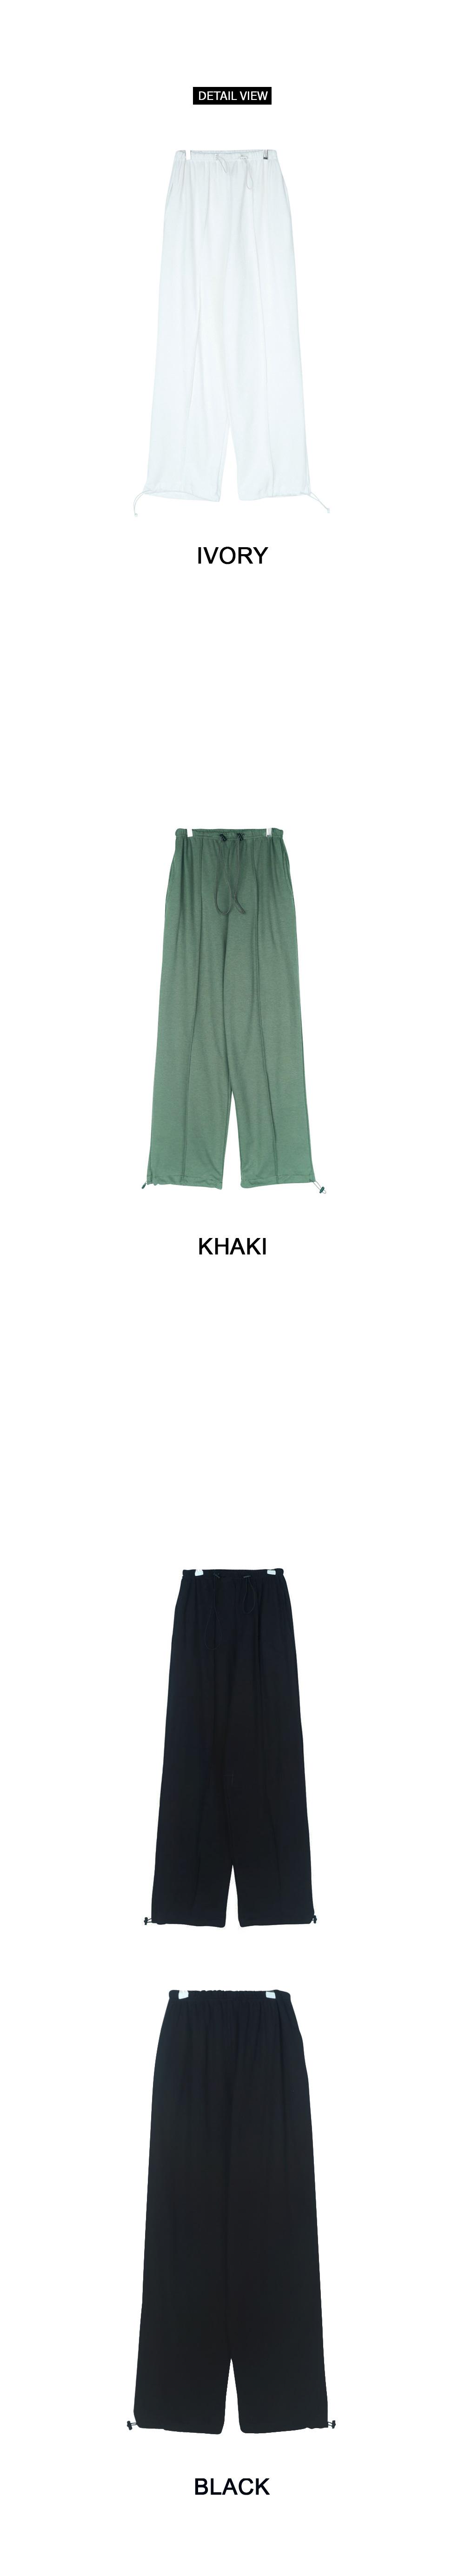 Cotton string pants